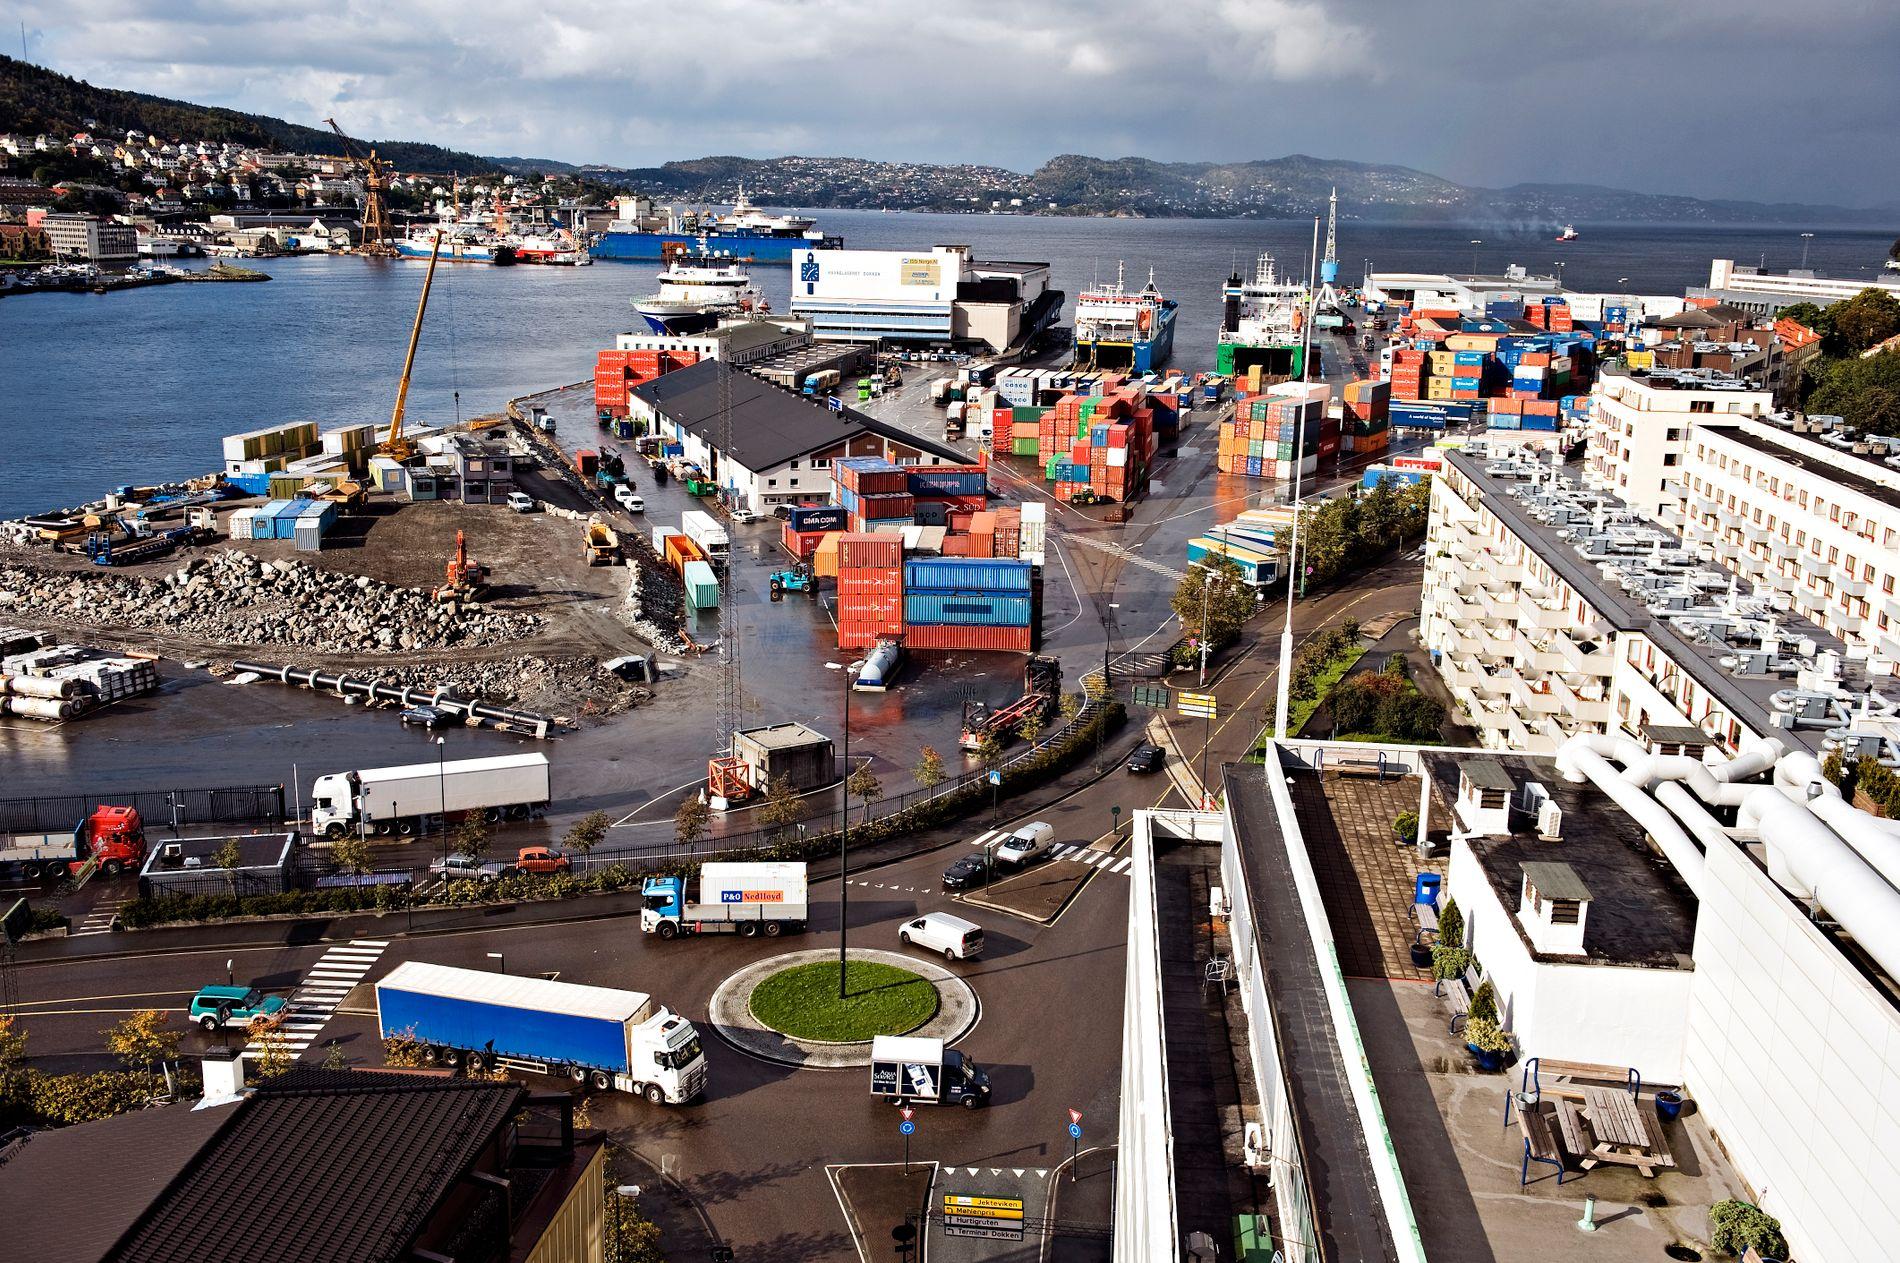 GUNSTIG: Varer strømmer inn og ut av Bergen blant annet via denne containerterminalen på Dokken. Slik handel er bra for både rike og fattige land, mener innsenderen.